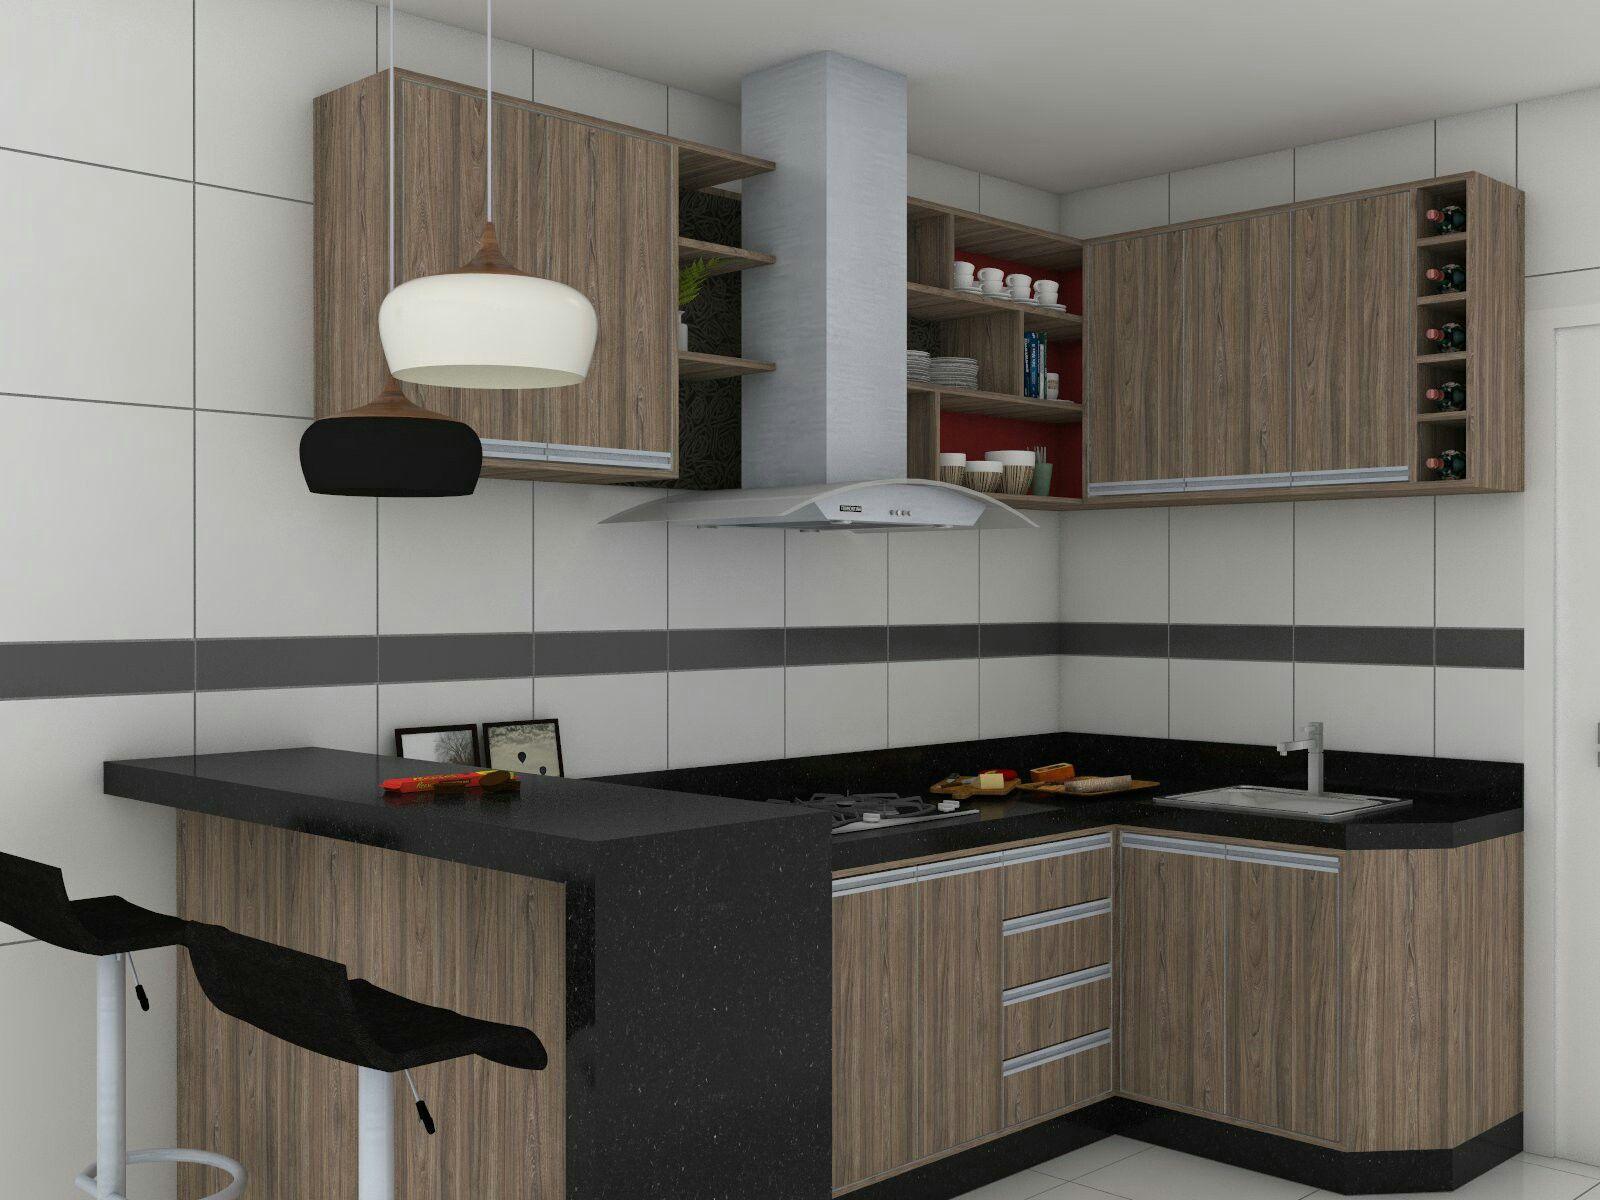 projeto de interior cozinha planejada sketchup vray interior projeto de interior cozinha planejada sketchup vray interiorsfitted kitchen